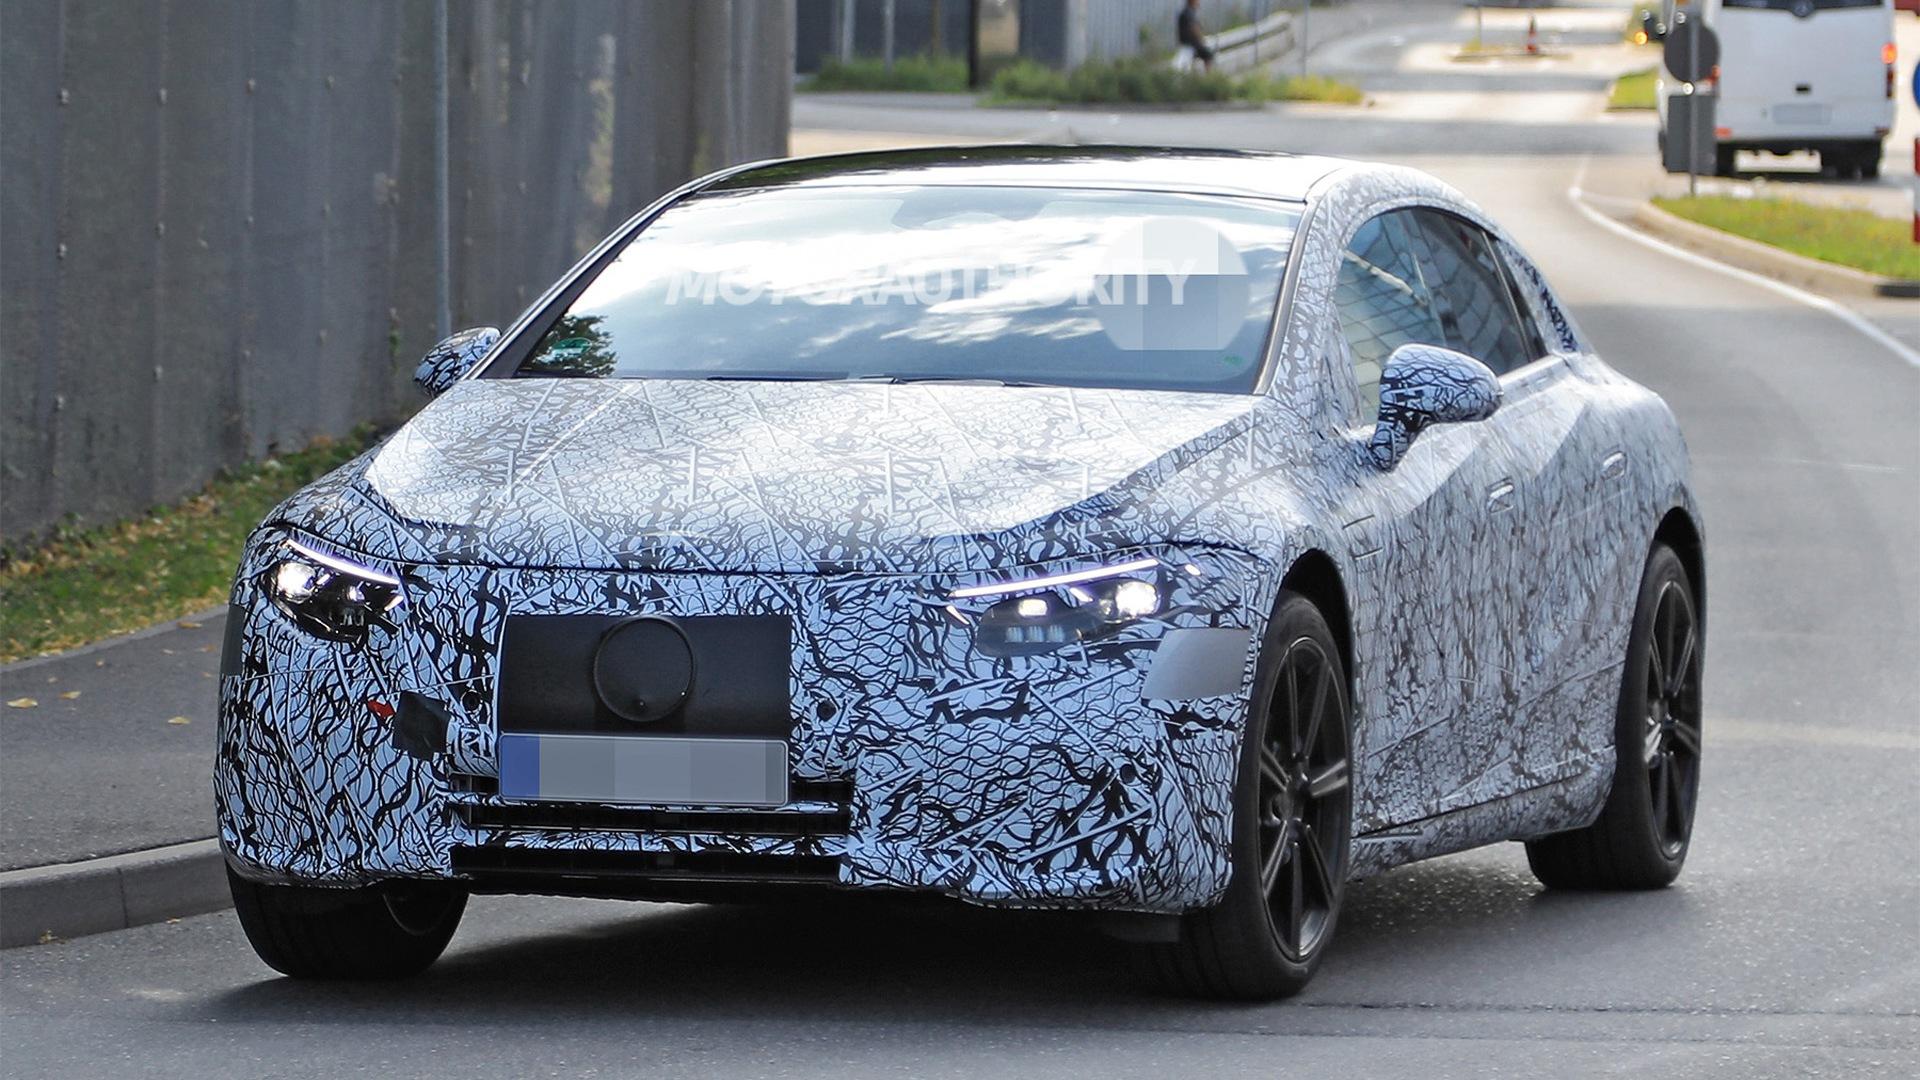 Руководитель Daimler Ола Каллениус, говоря о потенциале электрической архитектуры MEA, намекнул, что нет препятствий для создания «батарейного» Maybach.